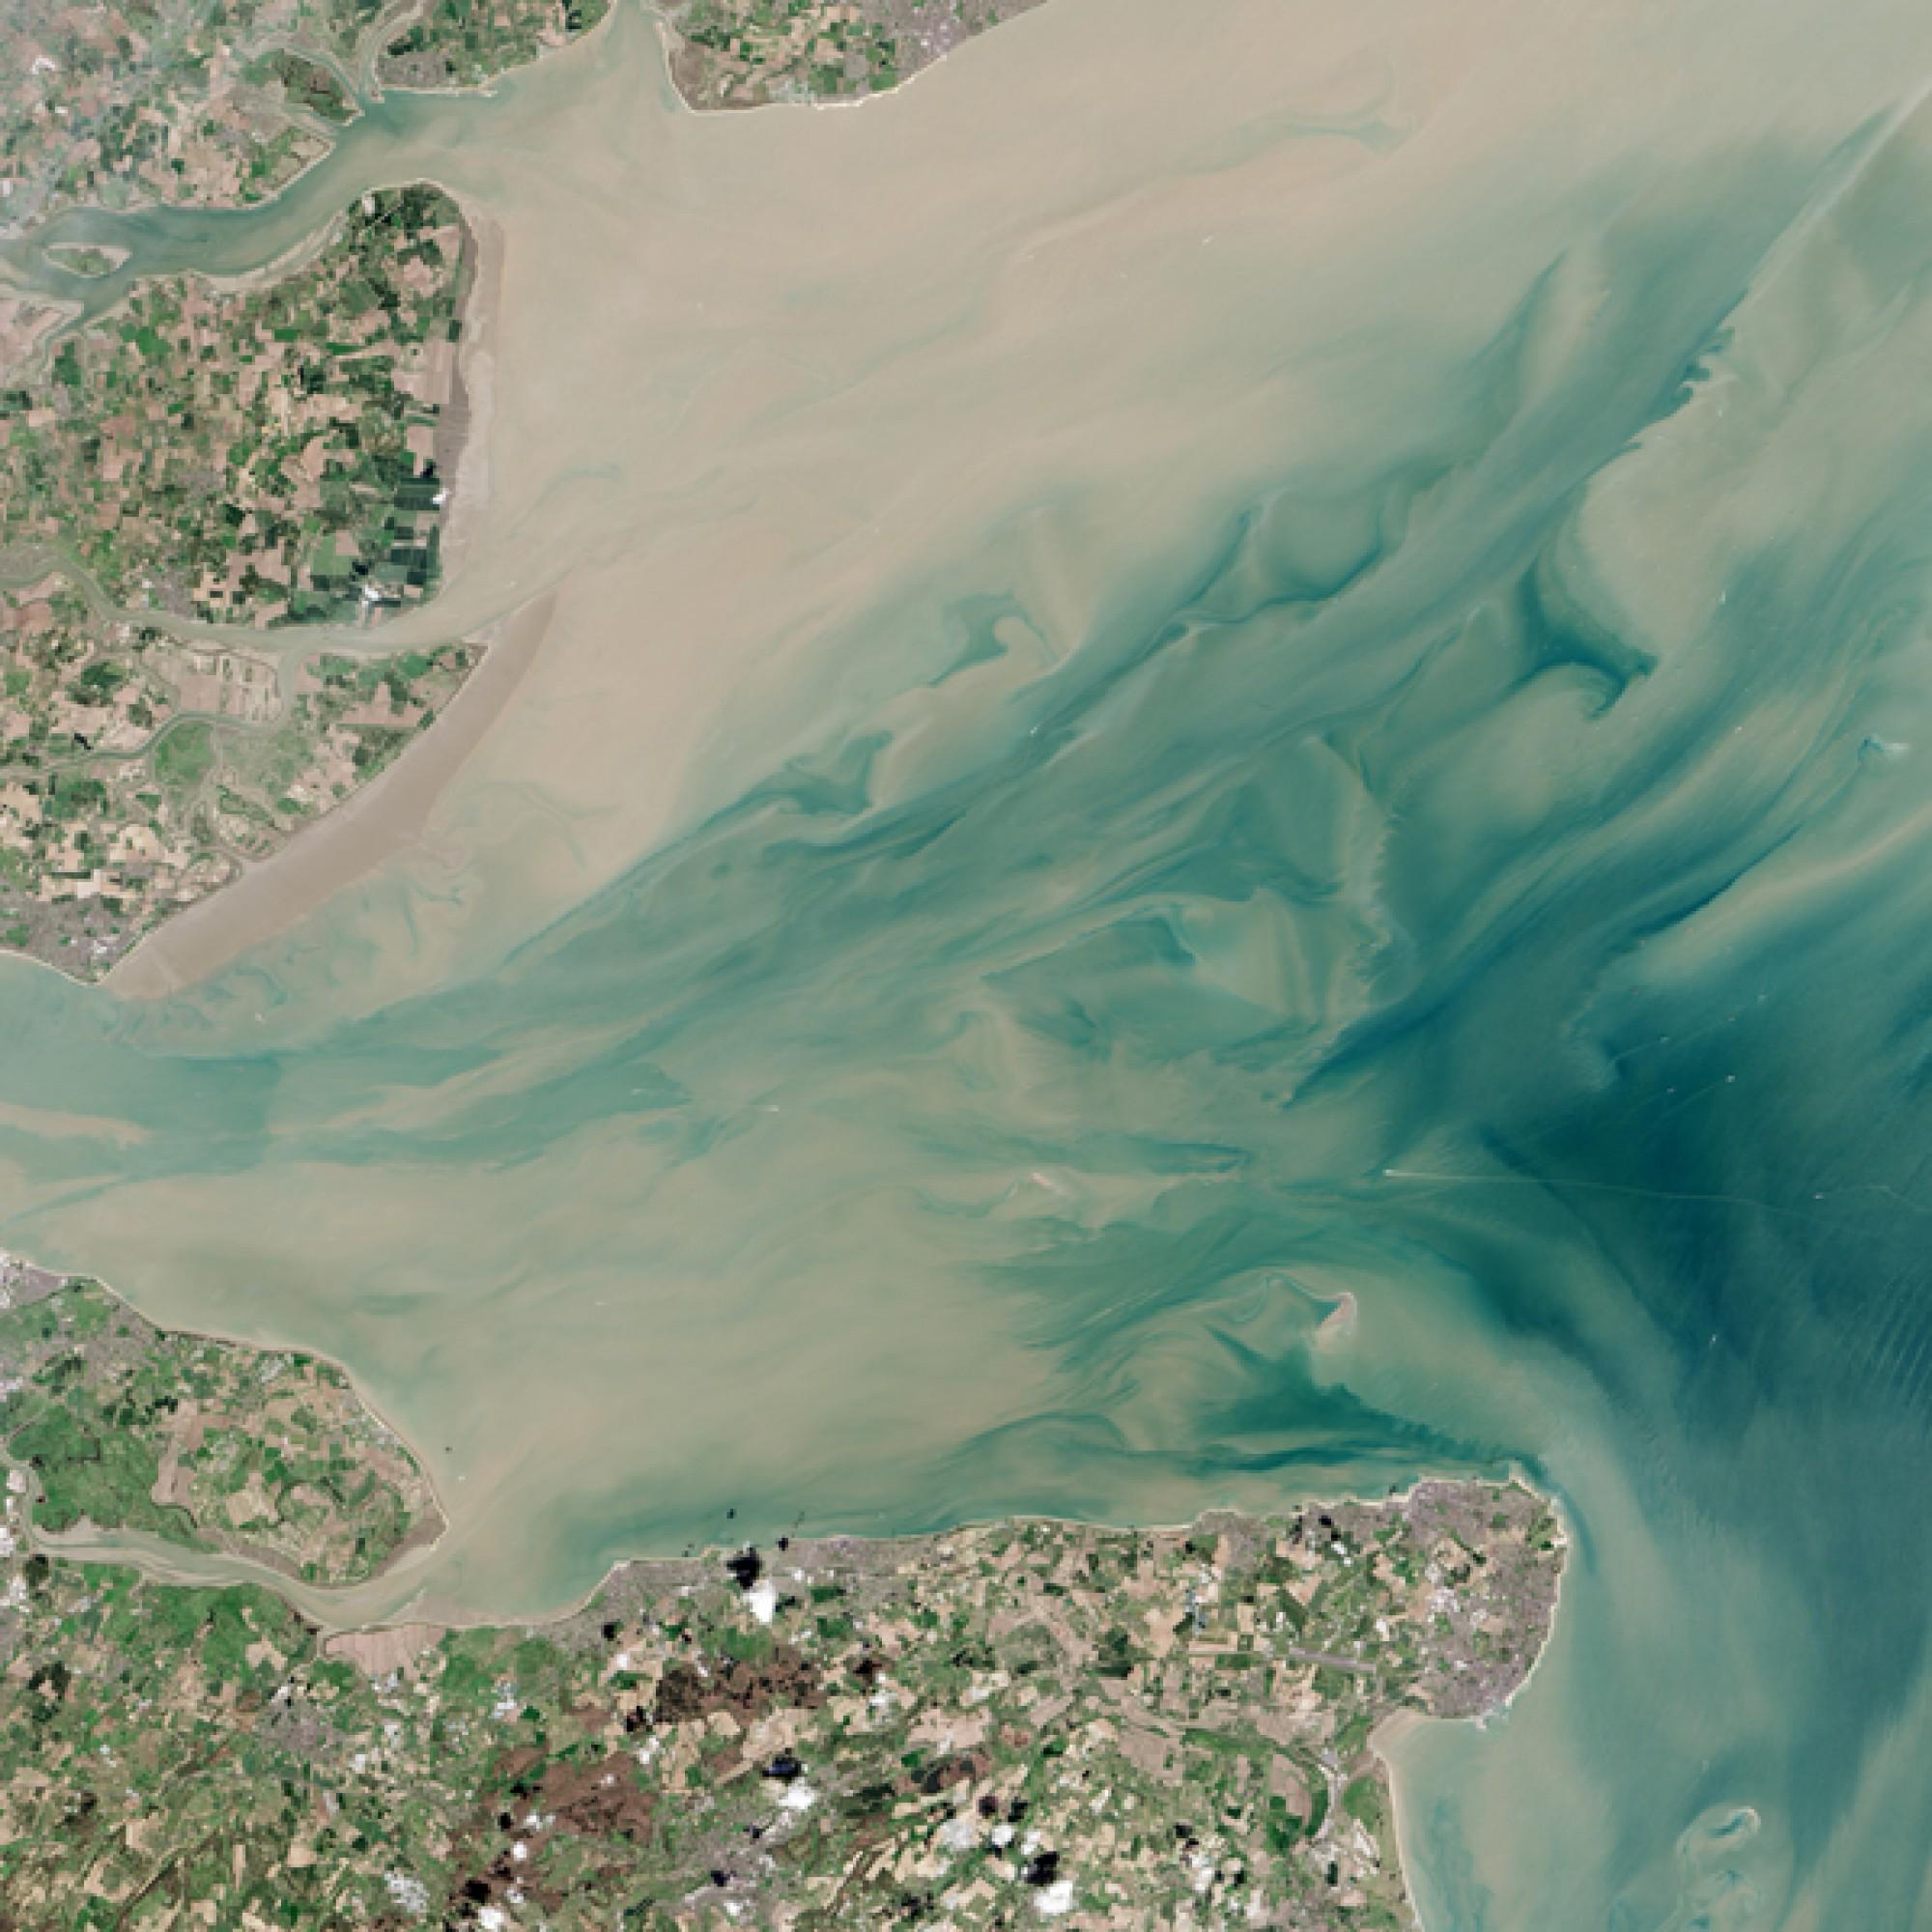 Und vor der Küste Englands, bei der Themsemündung schimmern Land und Wasser in Pastelltönen. (Nasa)